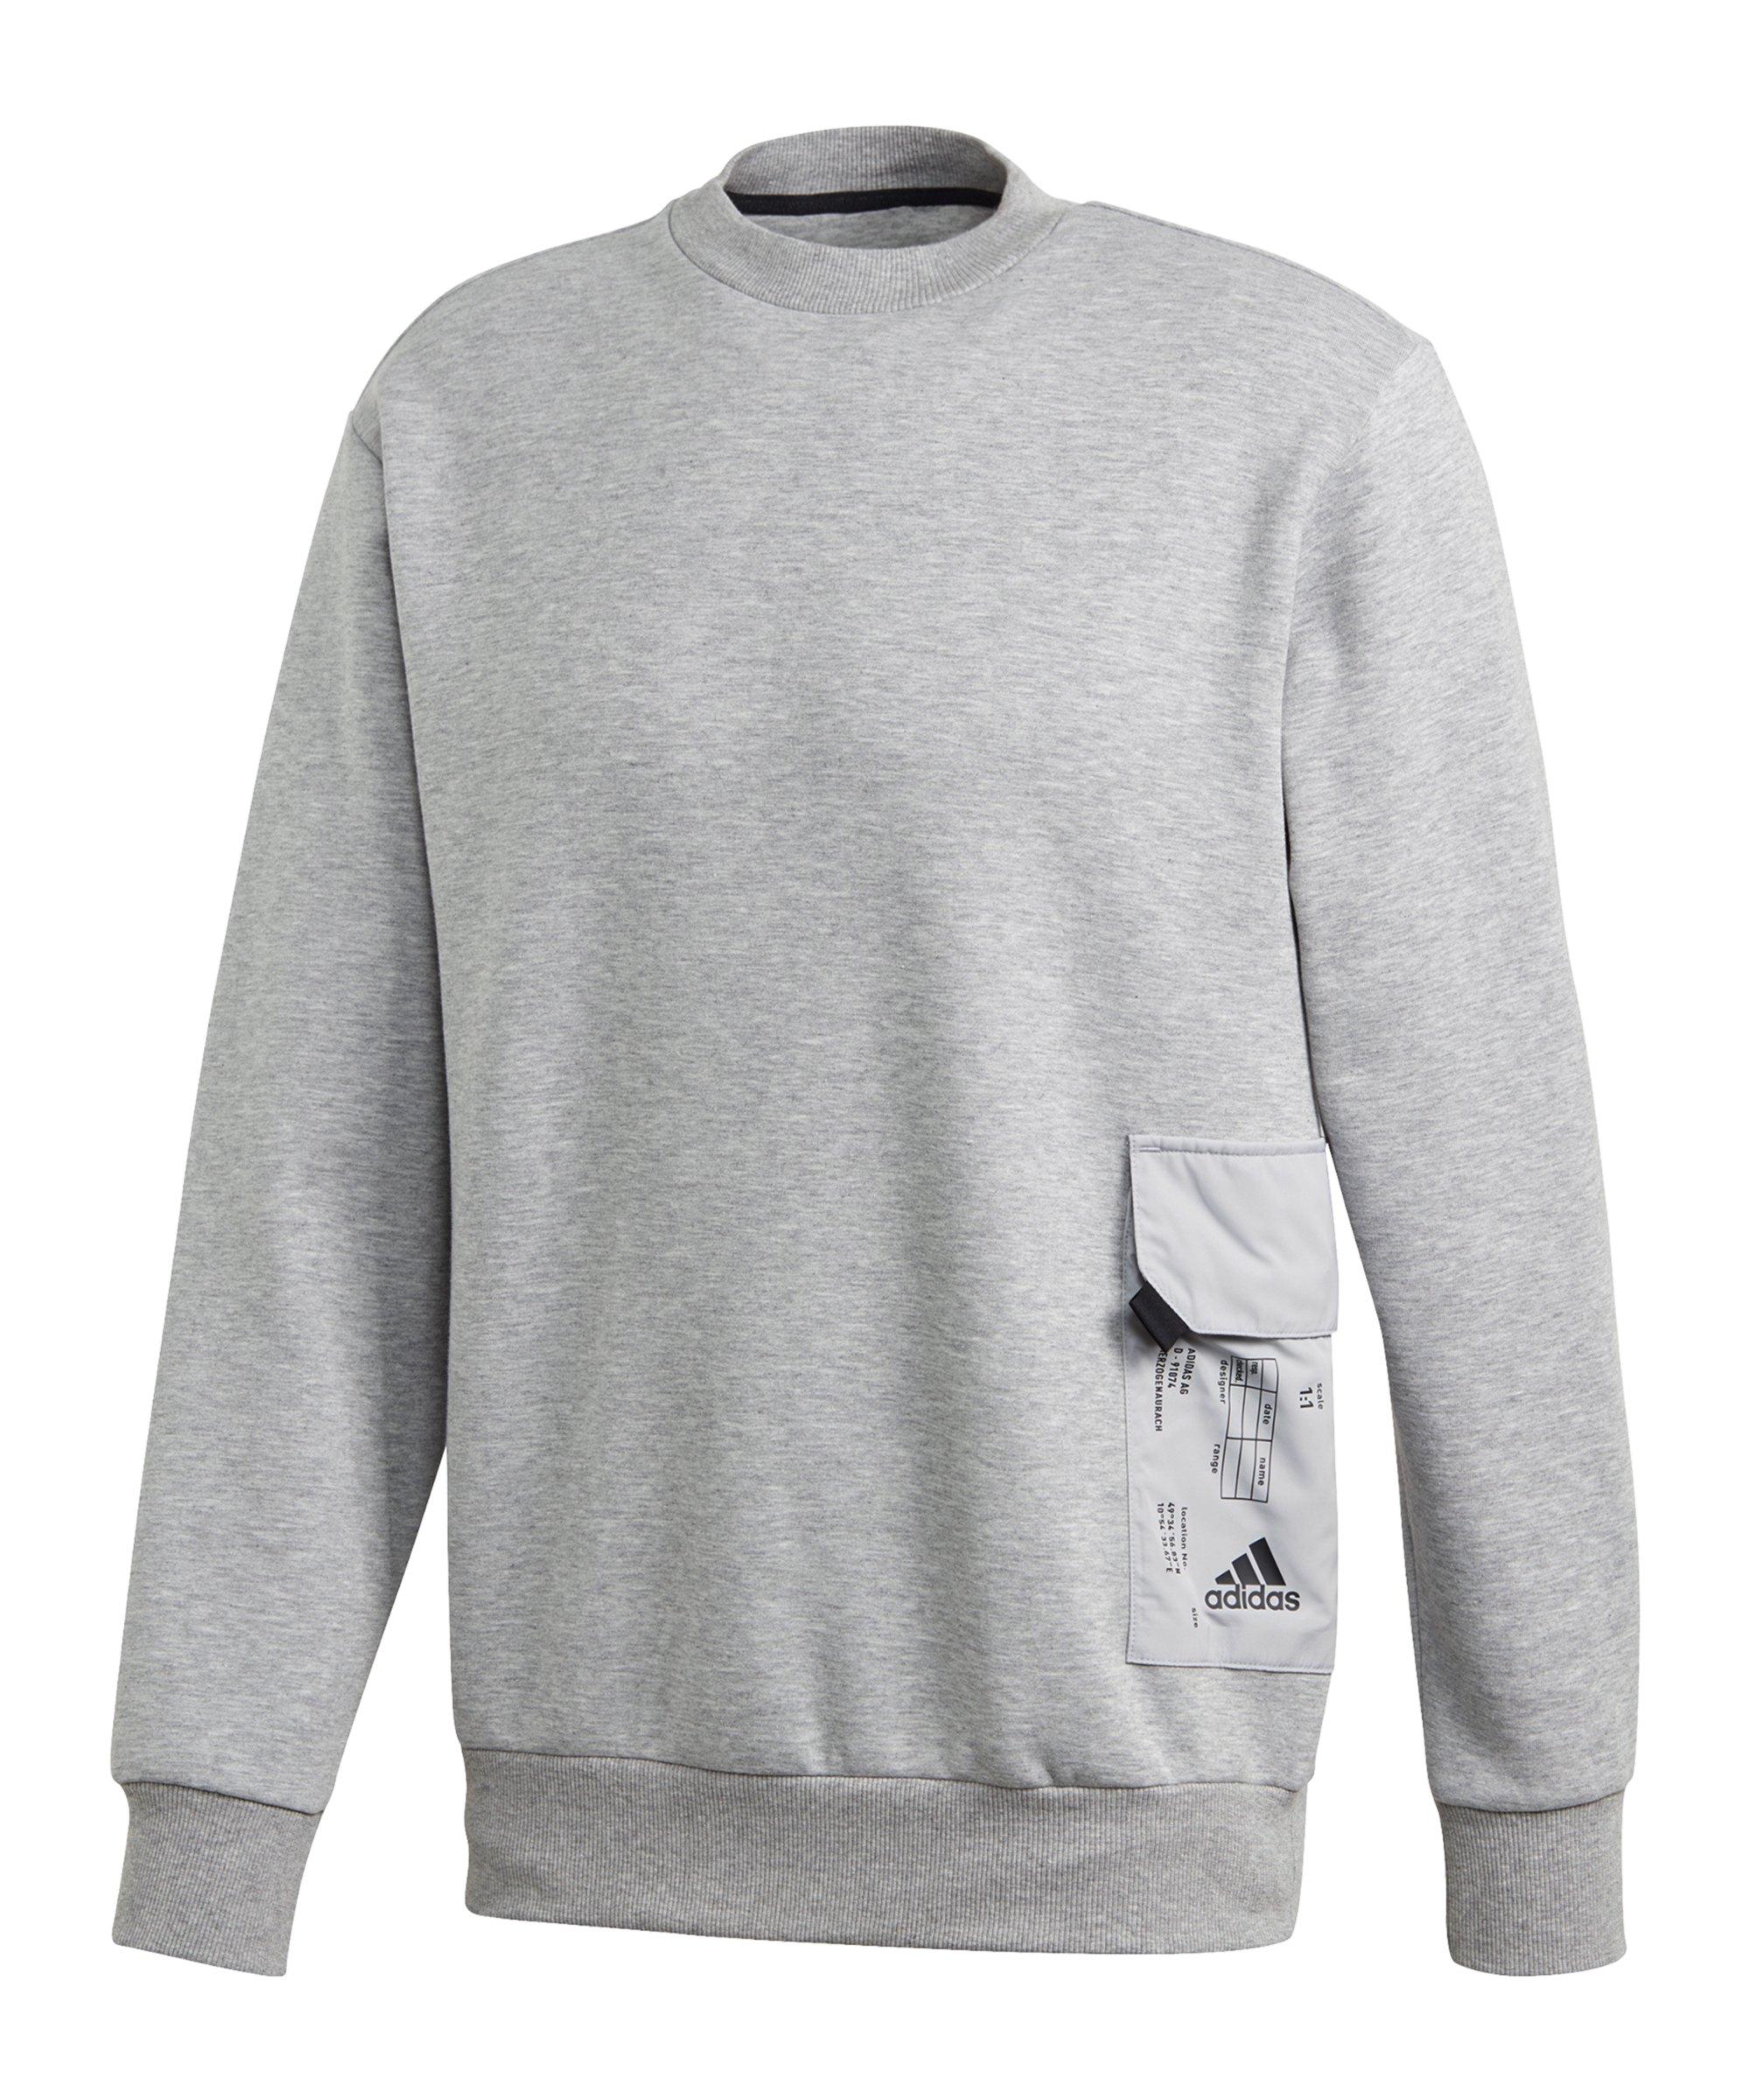 adidas Pocket Crew Sweatshirt Grau - grau